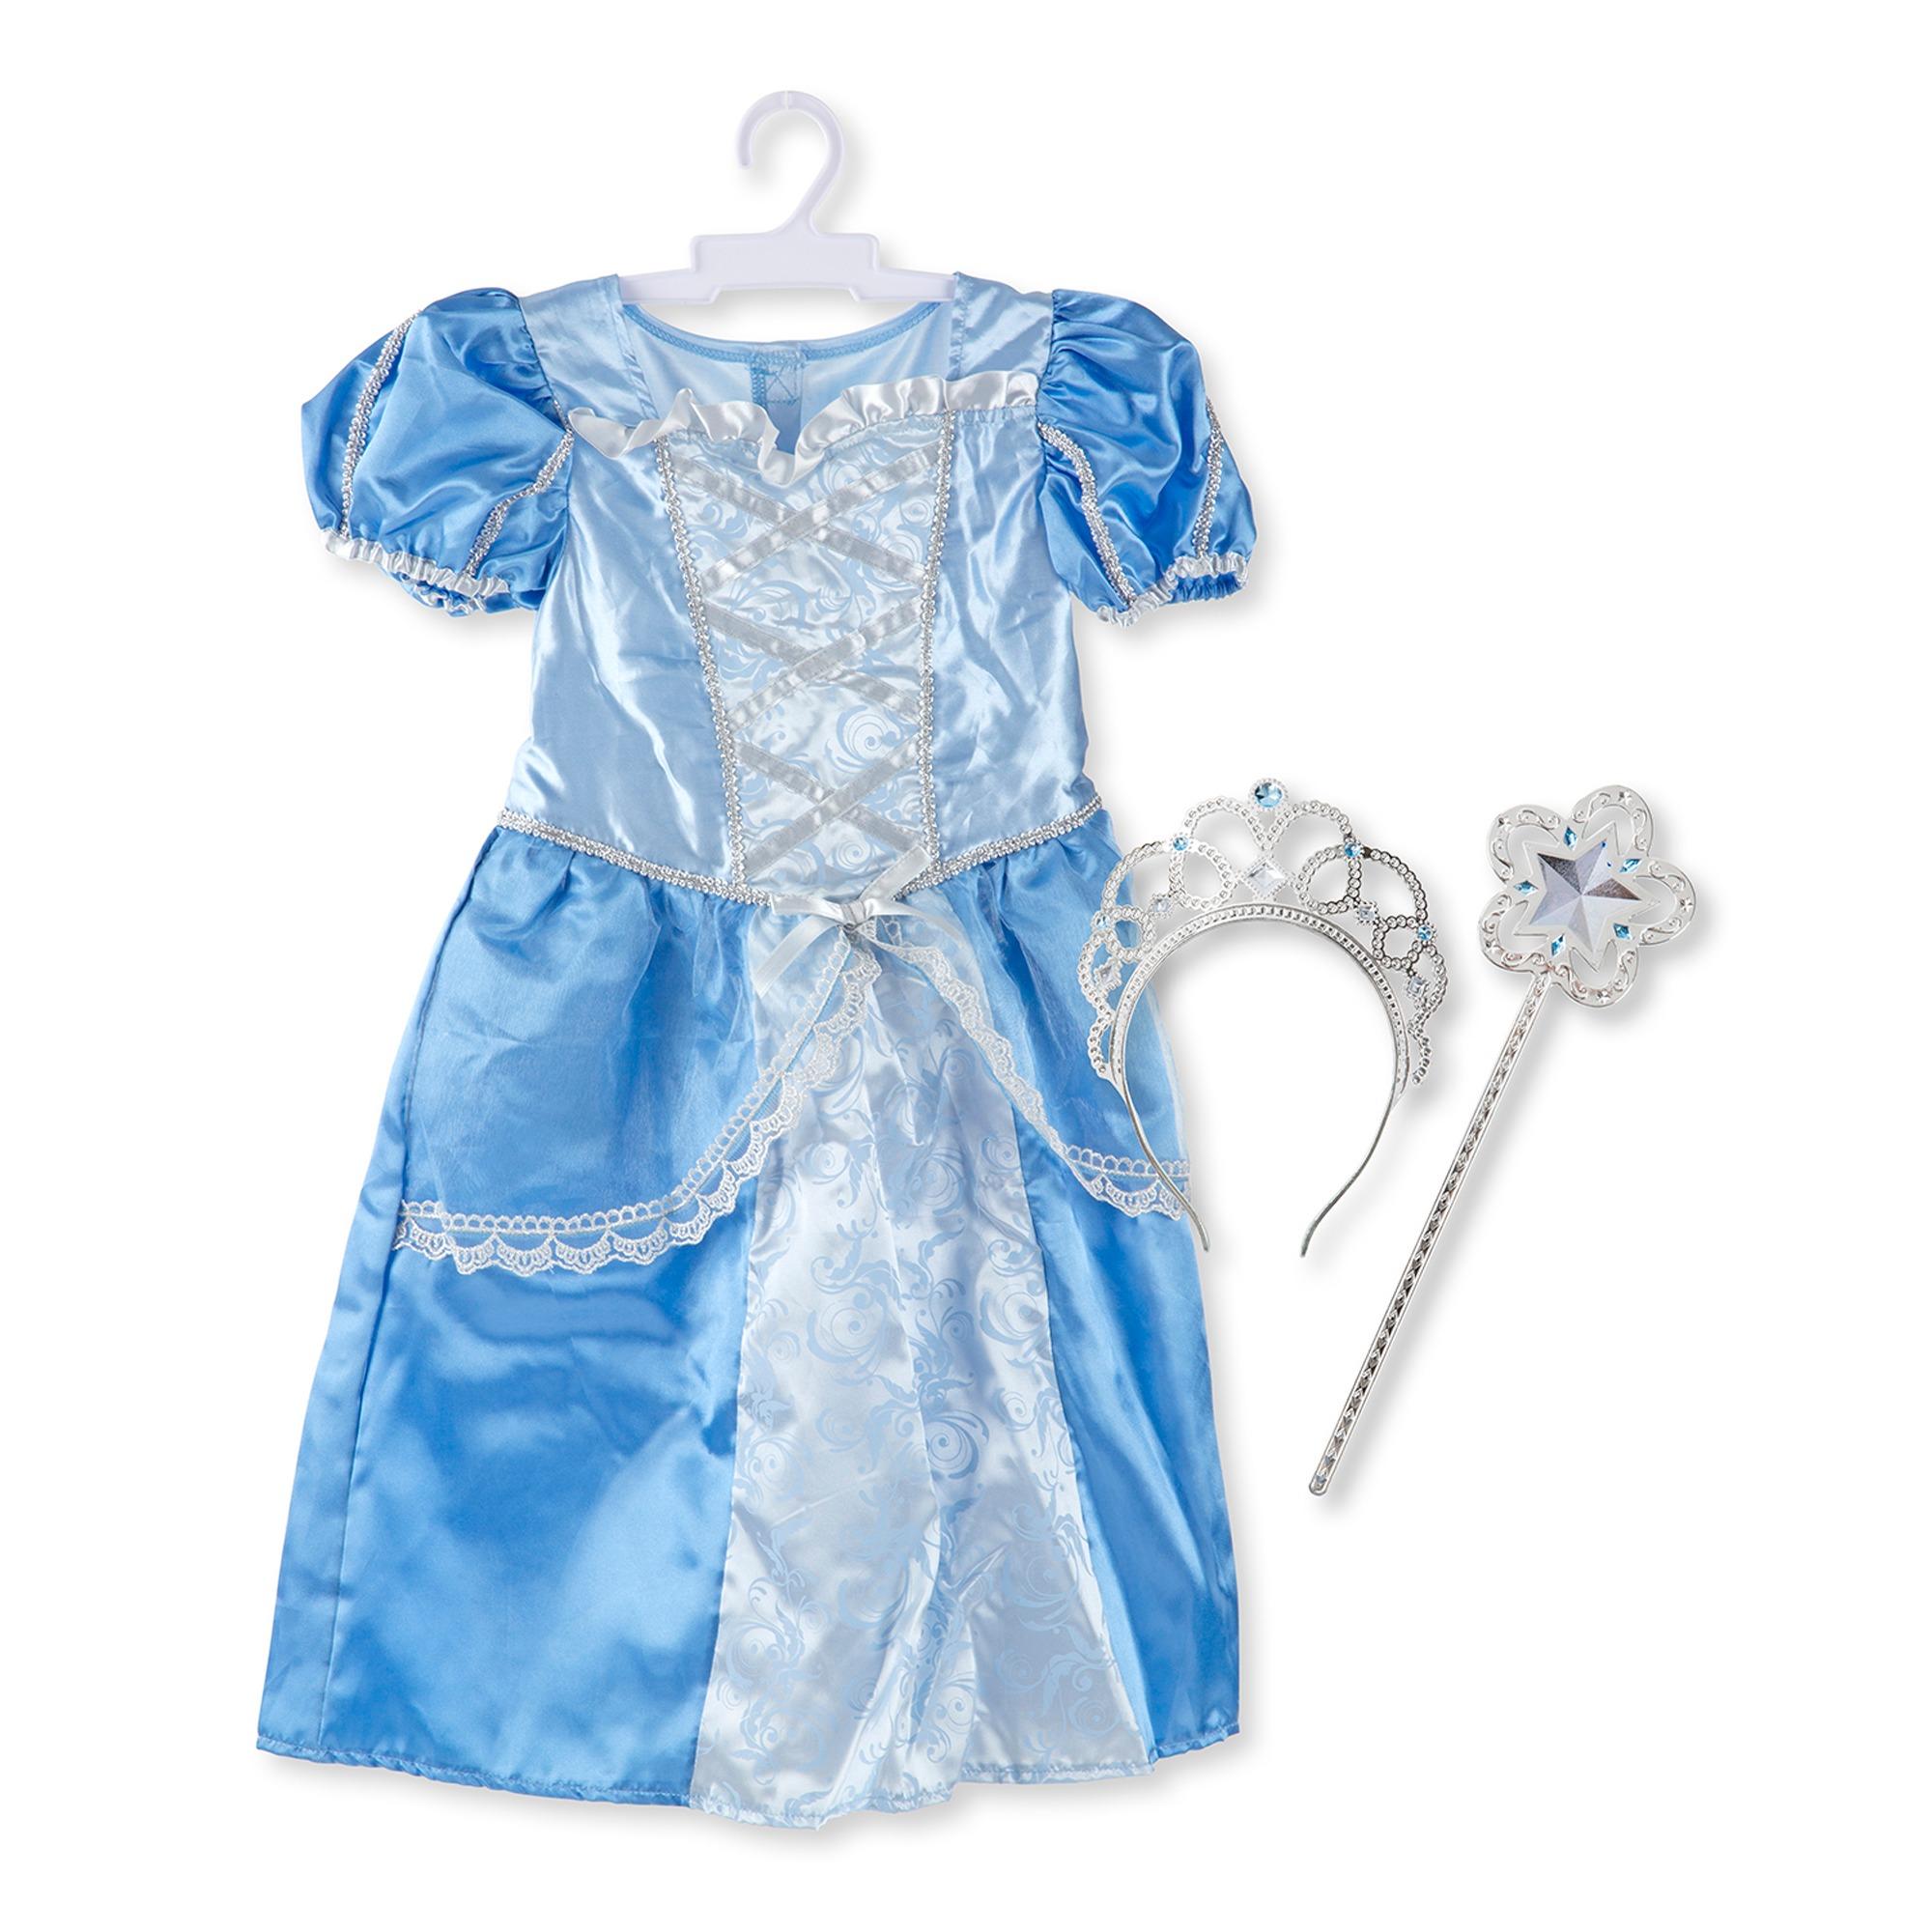 Udklædning - Prinsesse - Blå